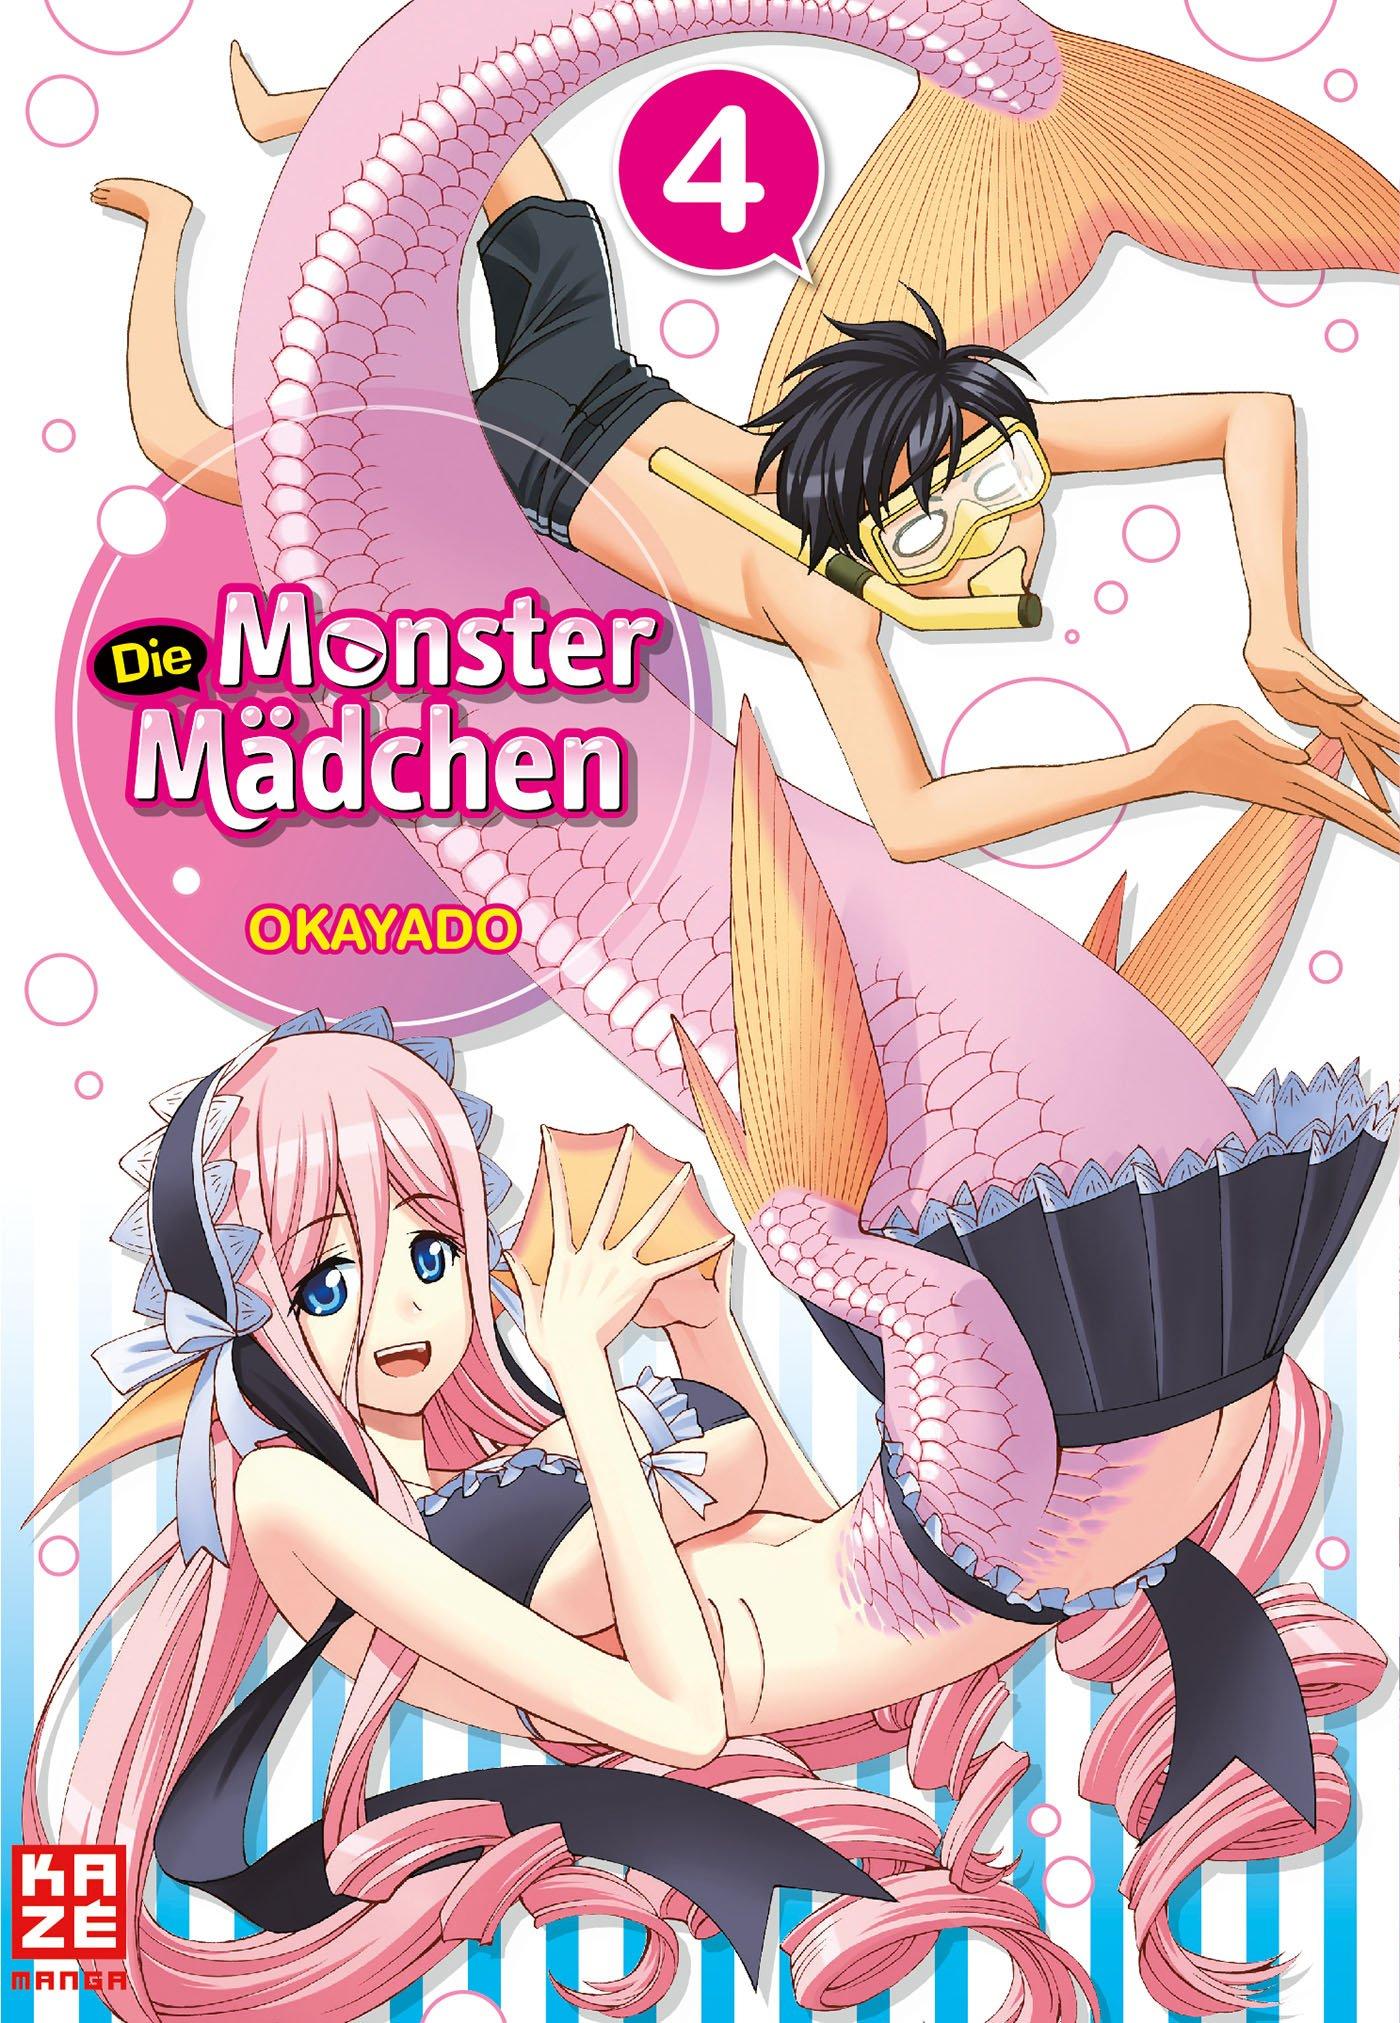 Die Monster Mädchen 01 Amazonde Okayado Bücher